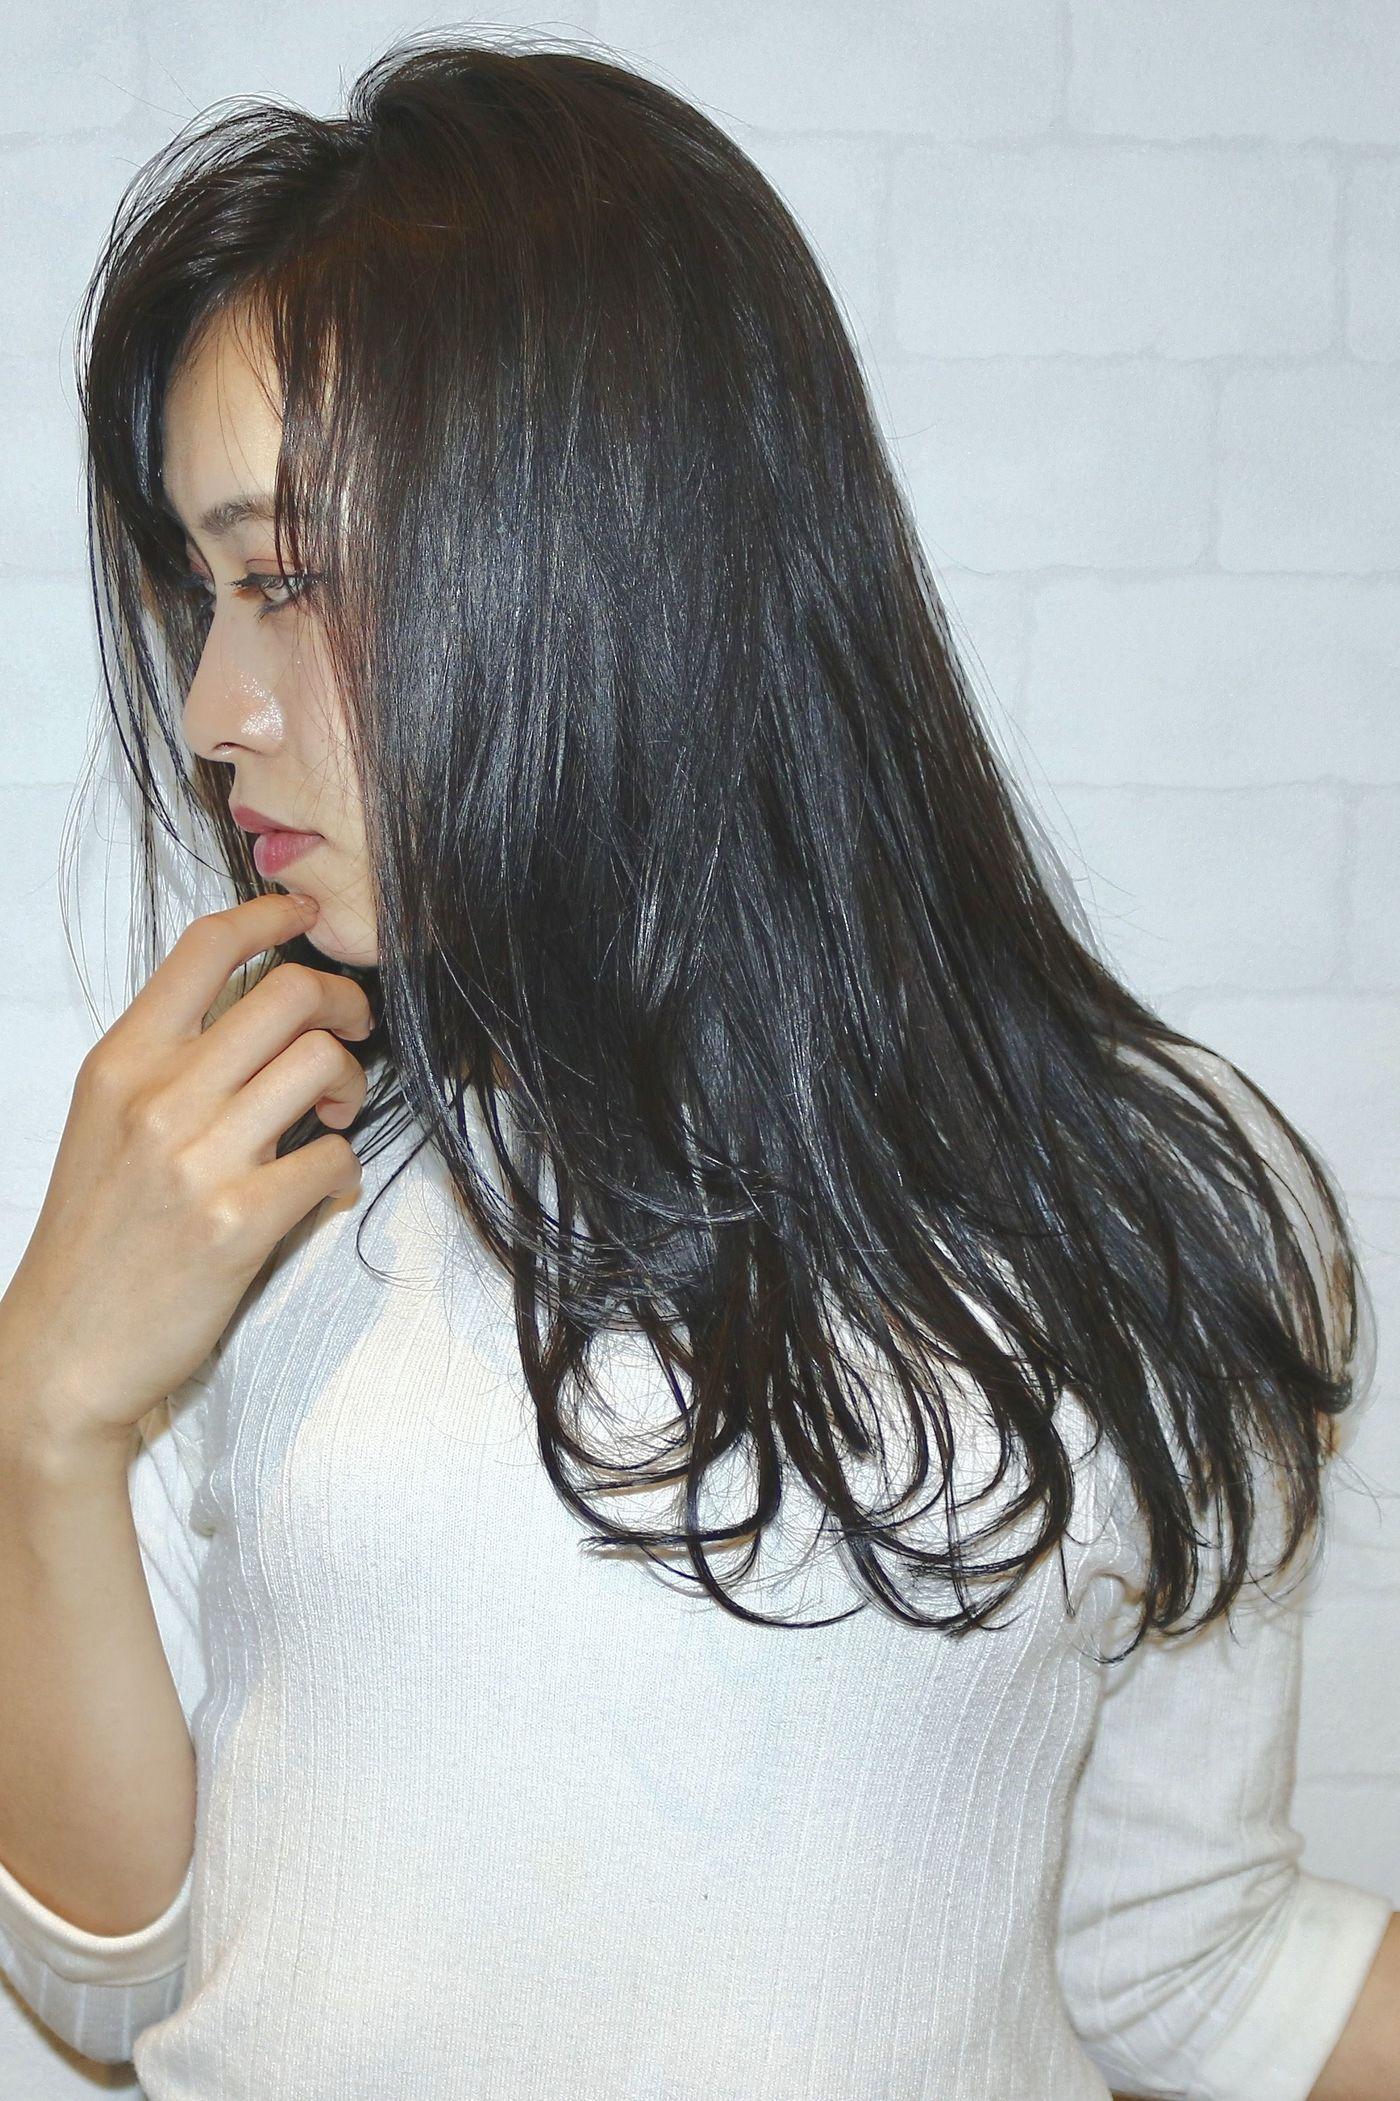 ボード ヘアカラー Hair Color のピン